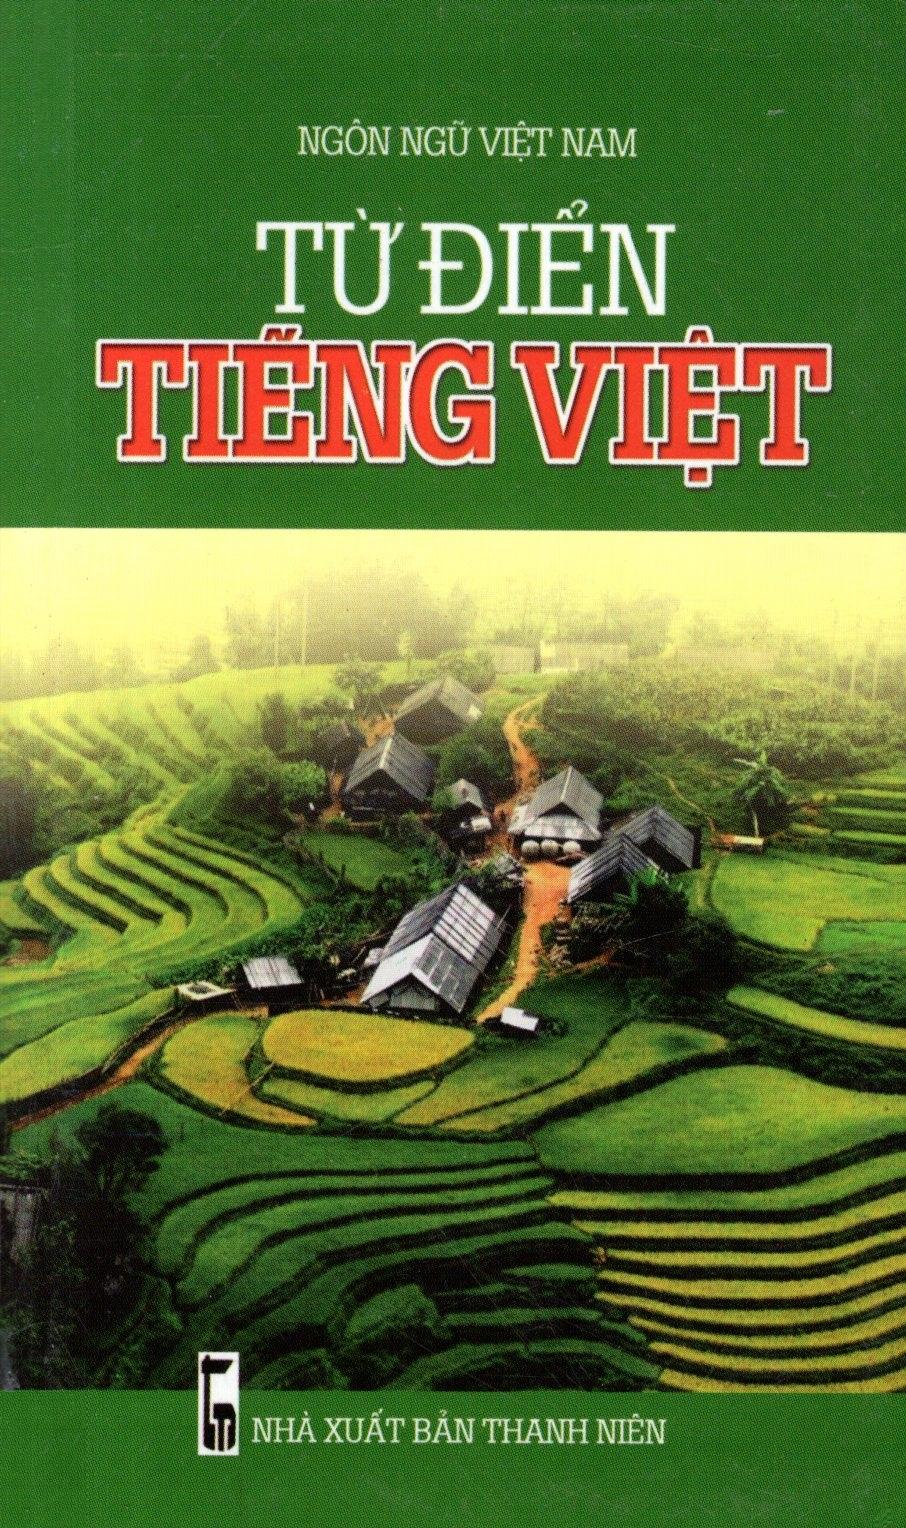 Bìa sách Từ Điển Tiếng Việt (2014 - Minh Trí) - Sách Bỏ Túi